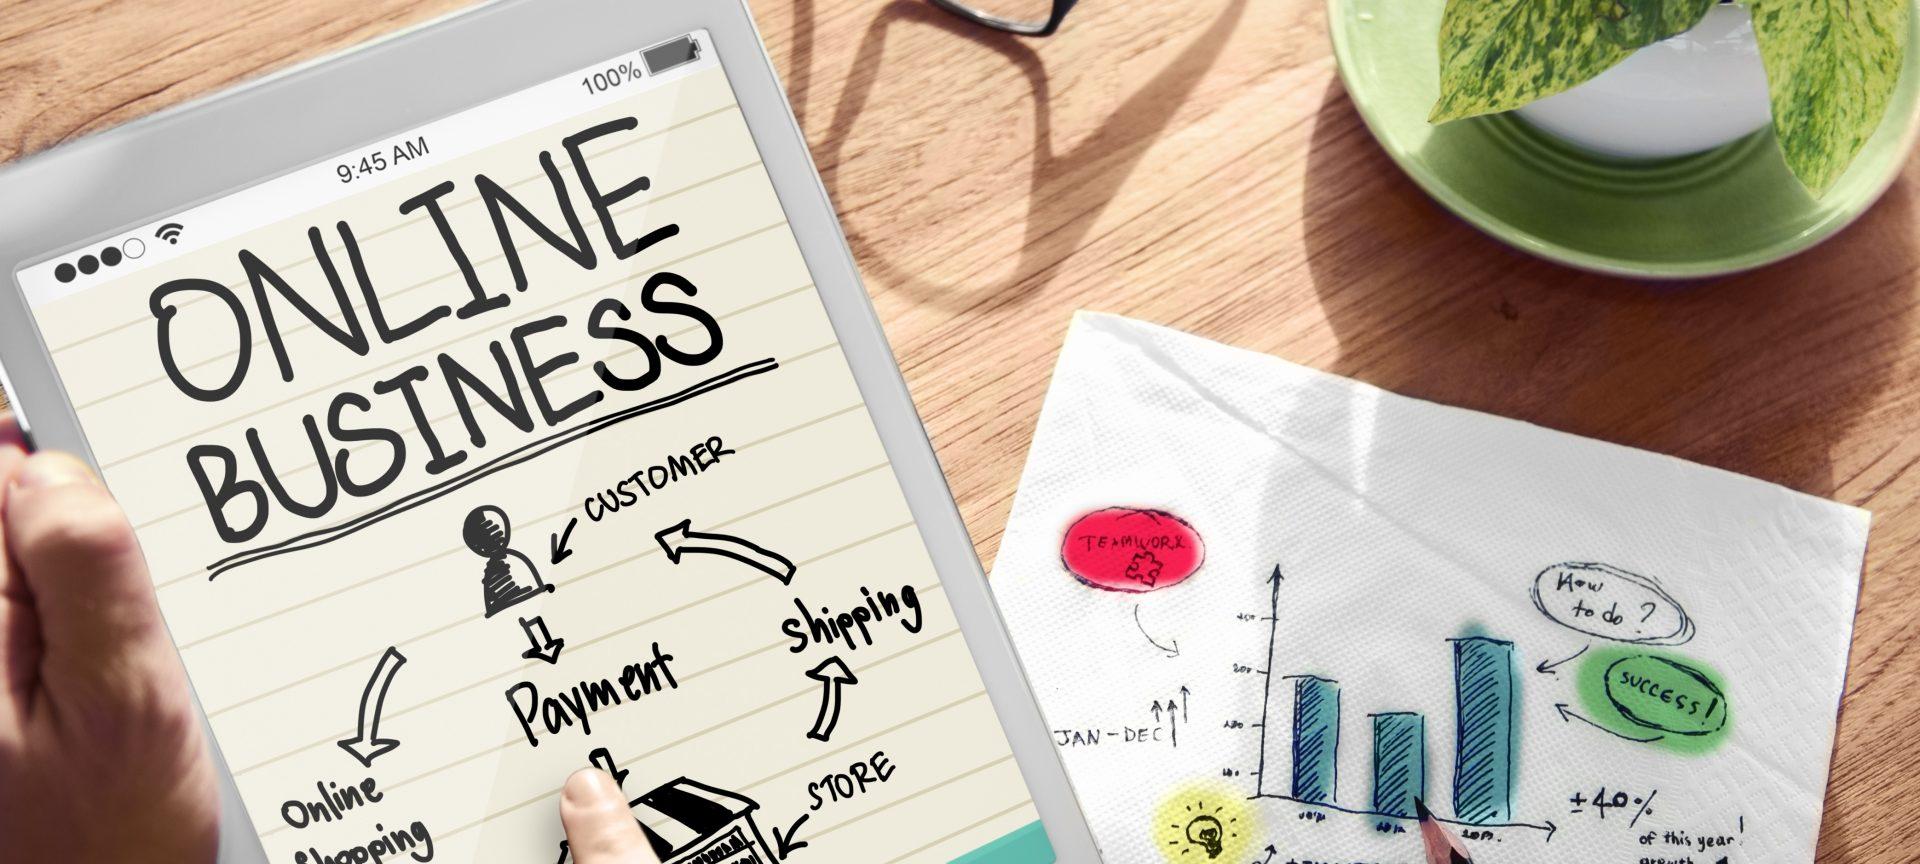 o nouă modalitate de a câștiga bani acasă unde puteți viziona clipuri video și de a face bani